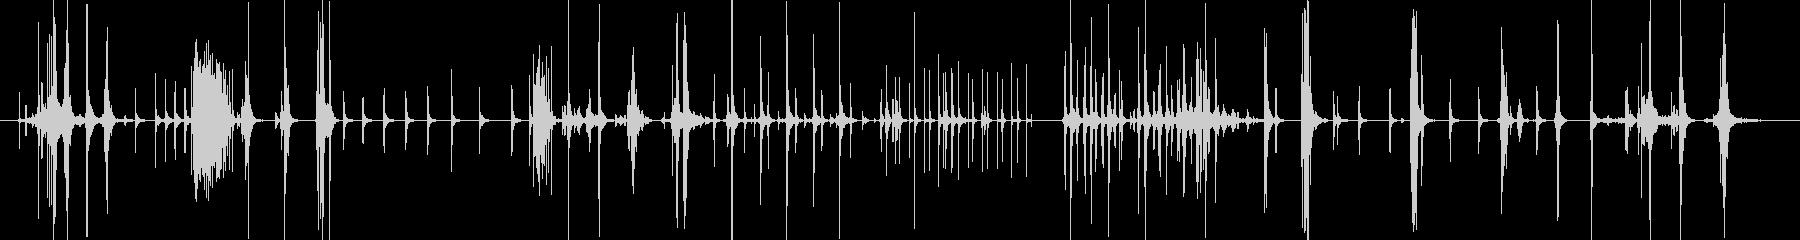 【機械】 動作 09 タイプの未再生の波形